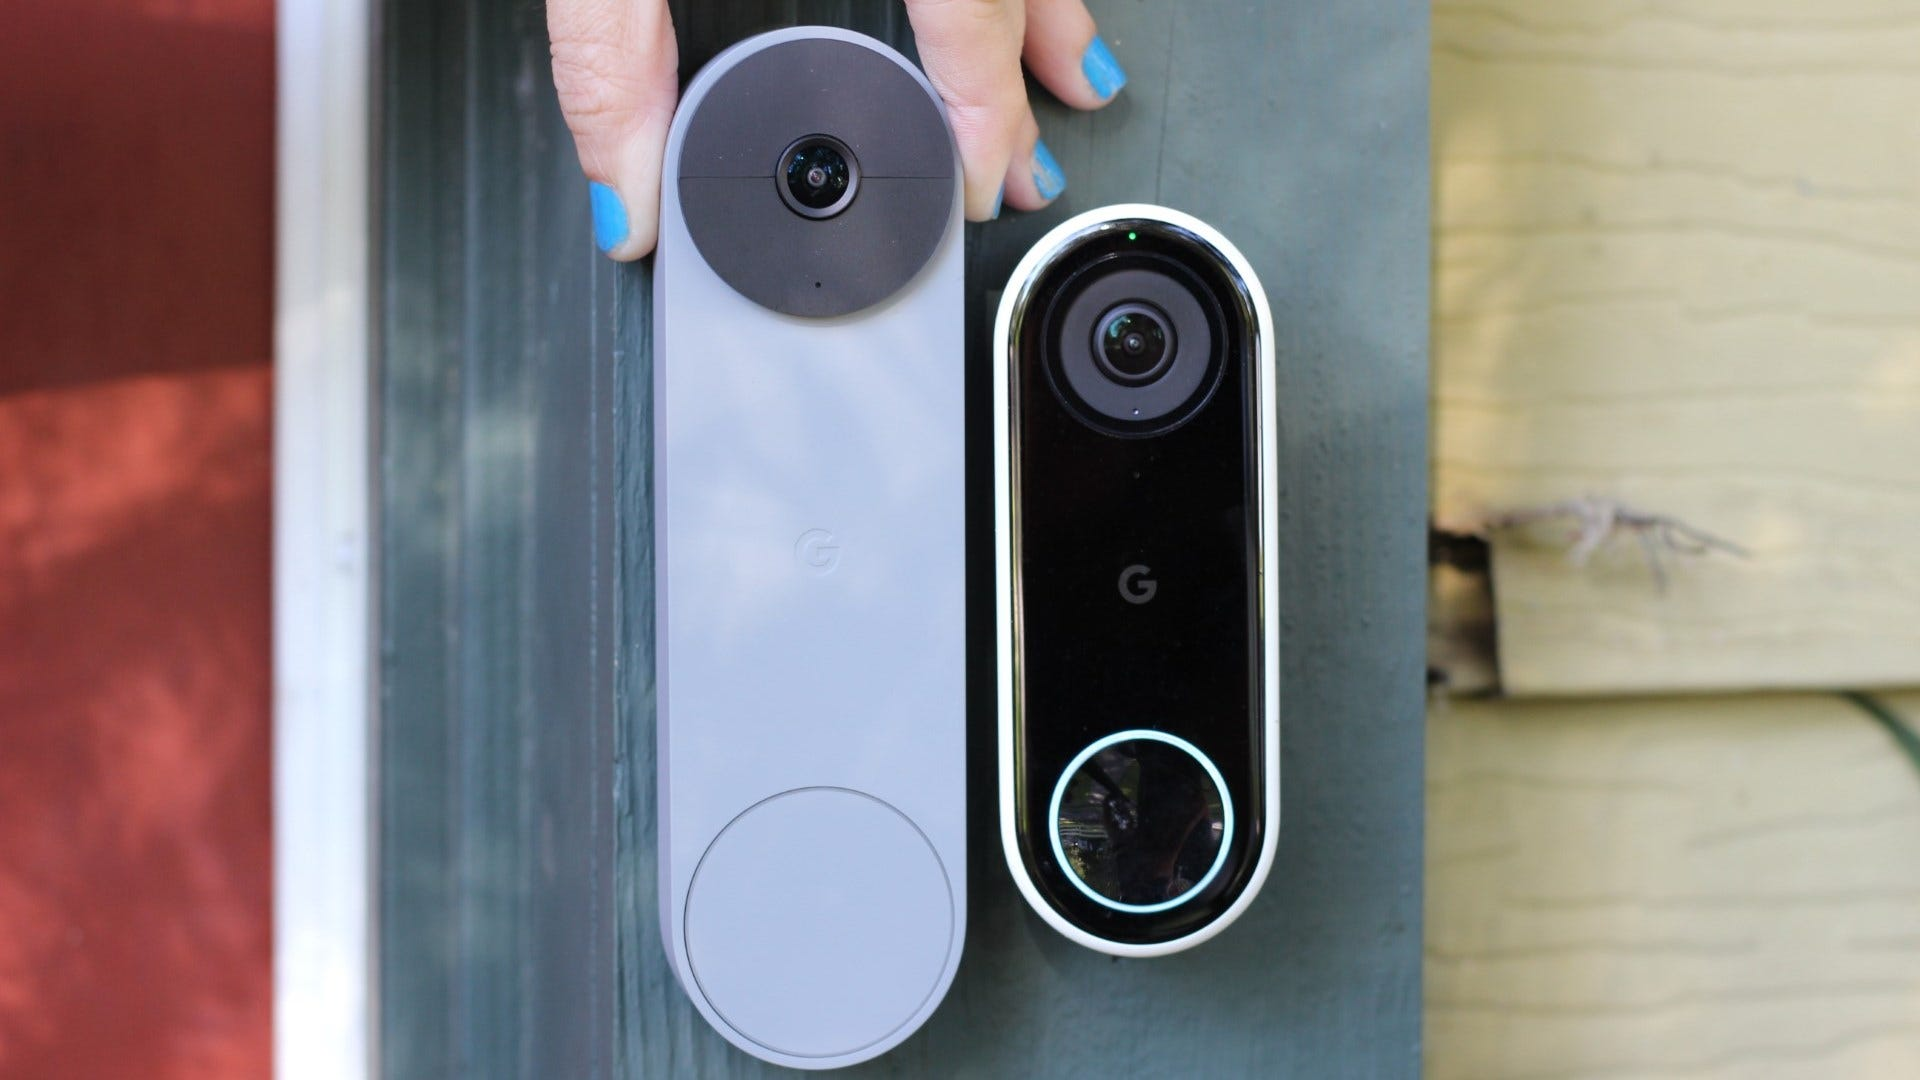 Nest Doorbell (battery) next to Nest Doorbell (wired)